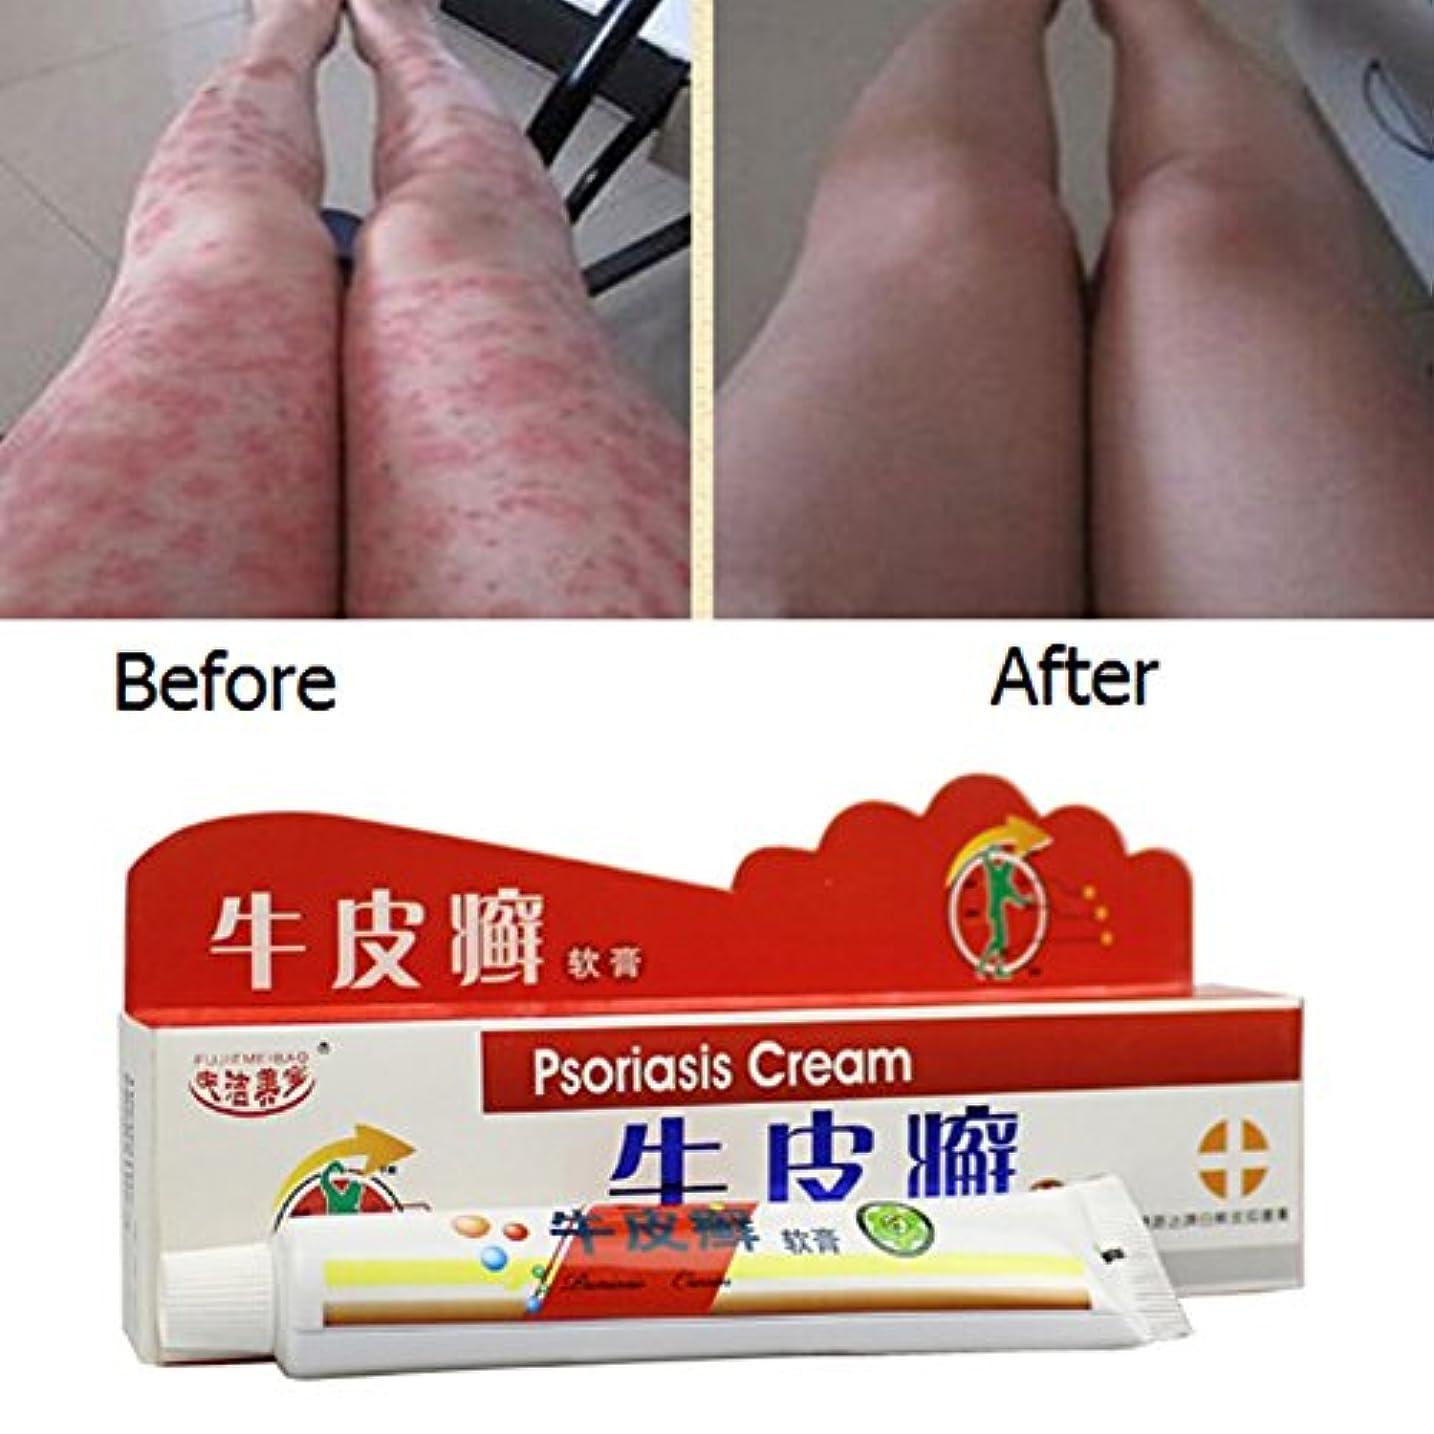 私達クリック引退したBalai 乾癬クリーム 中国のハーブ抗菌軟膏クリーム 湿疹乾癬 治療かゆみ止めクリーム